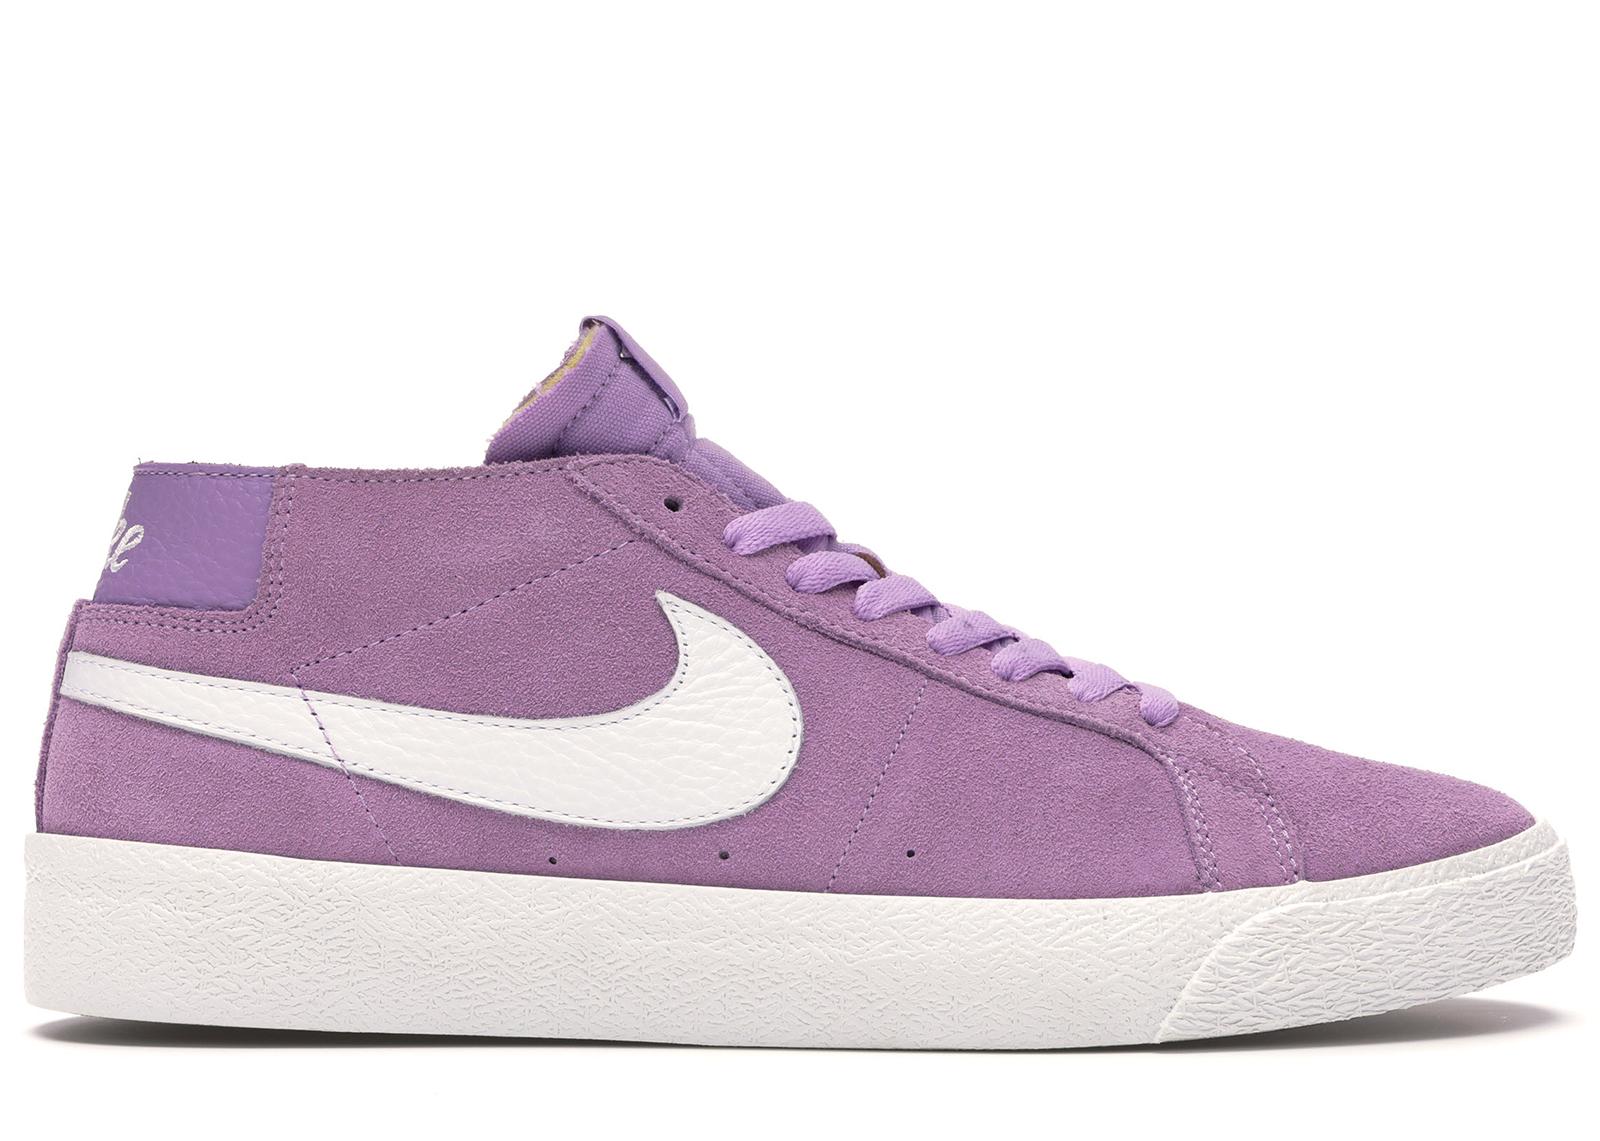 Nike SB Zoom Blazer Chukka Violet Star